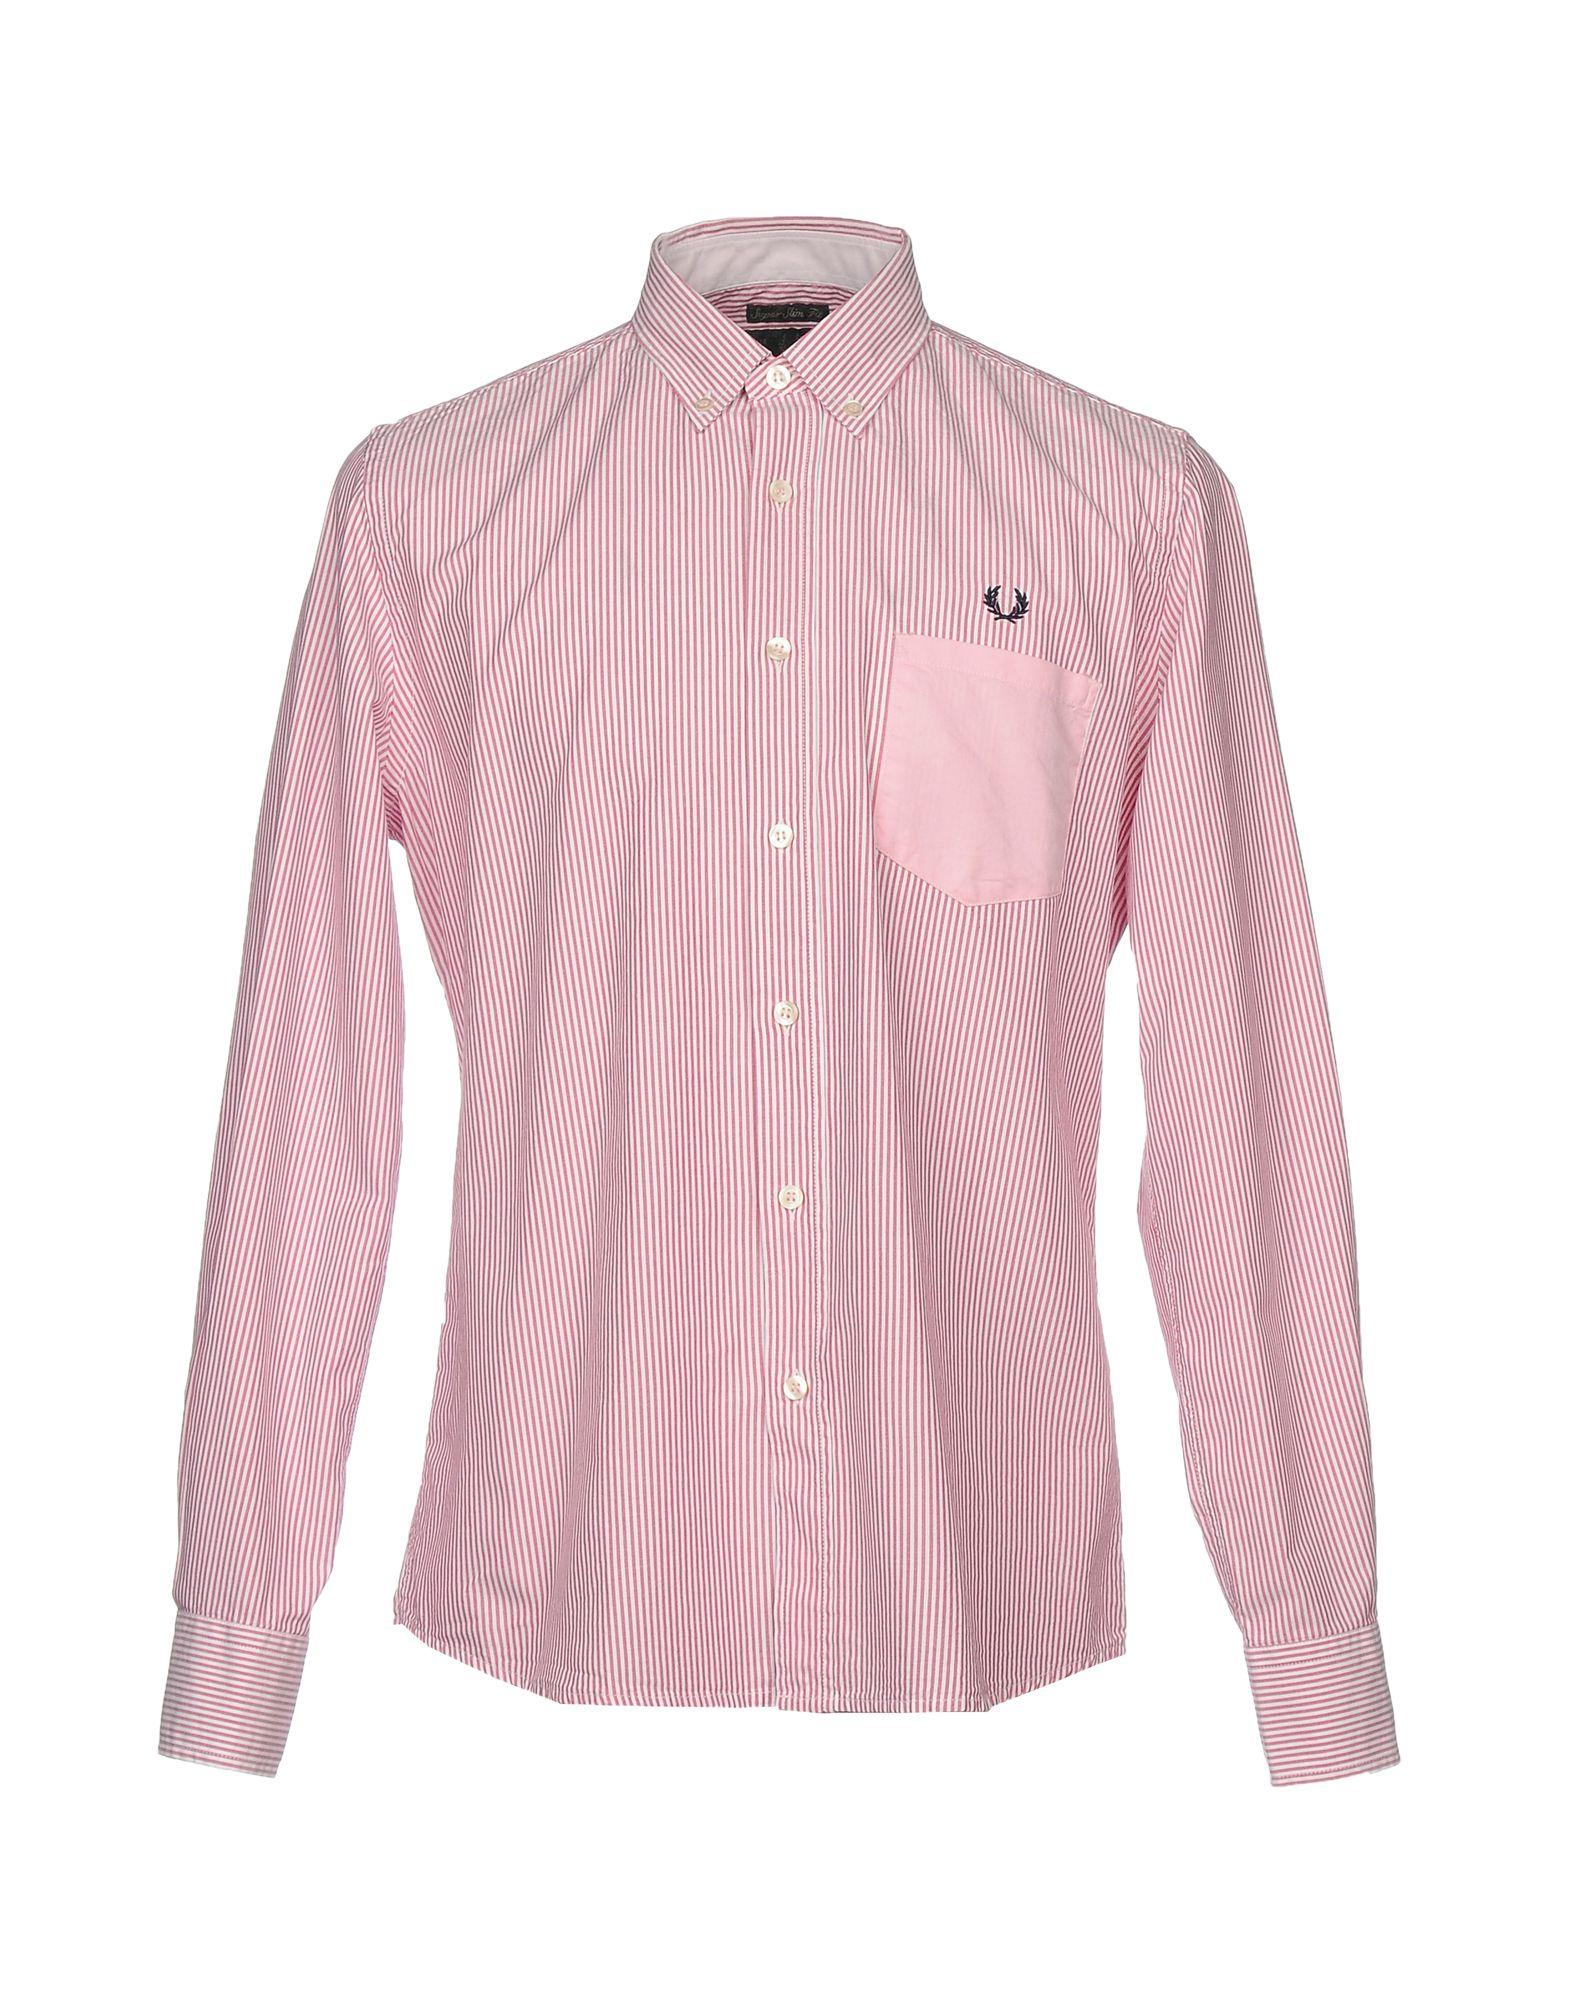 FRED PERRY Herren Hemd Farbe Ziegelrot Größe 4